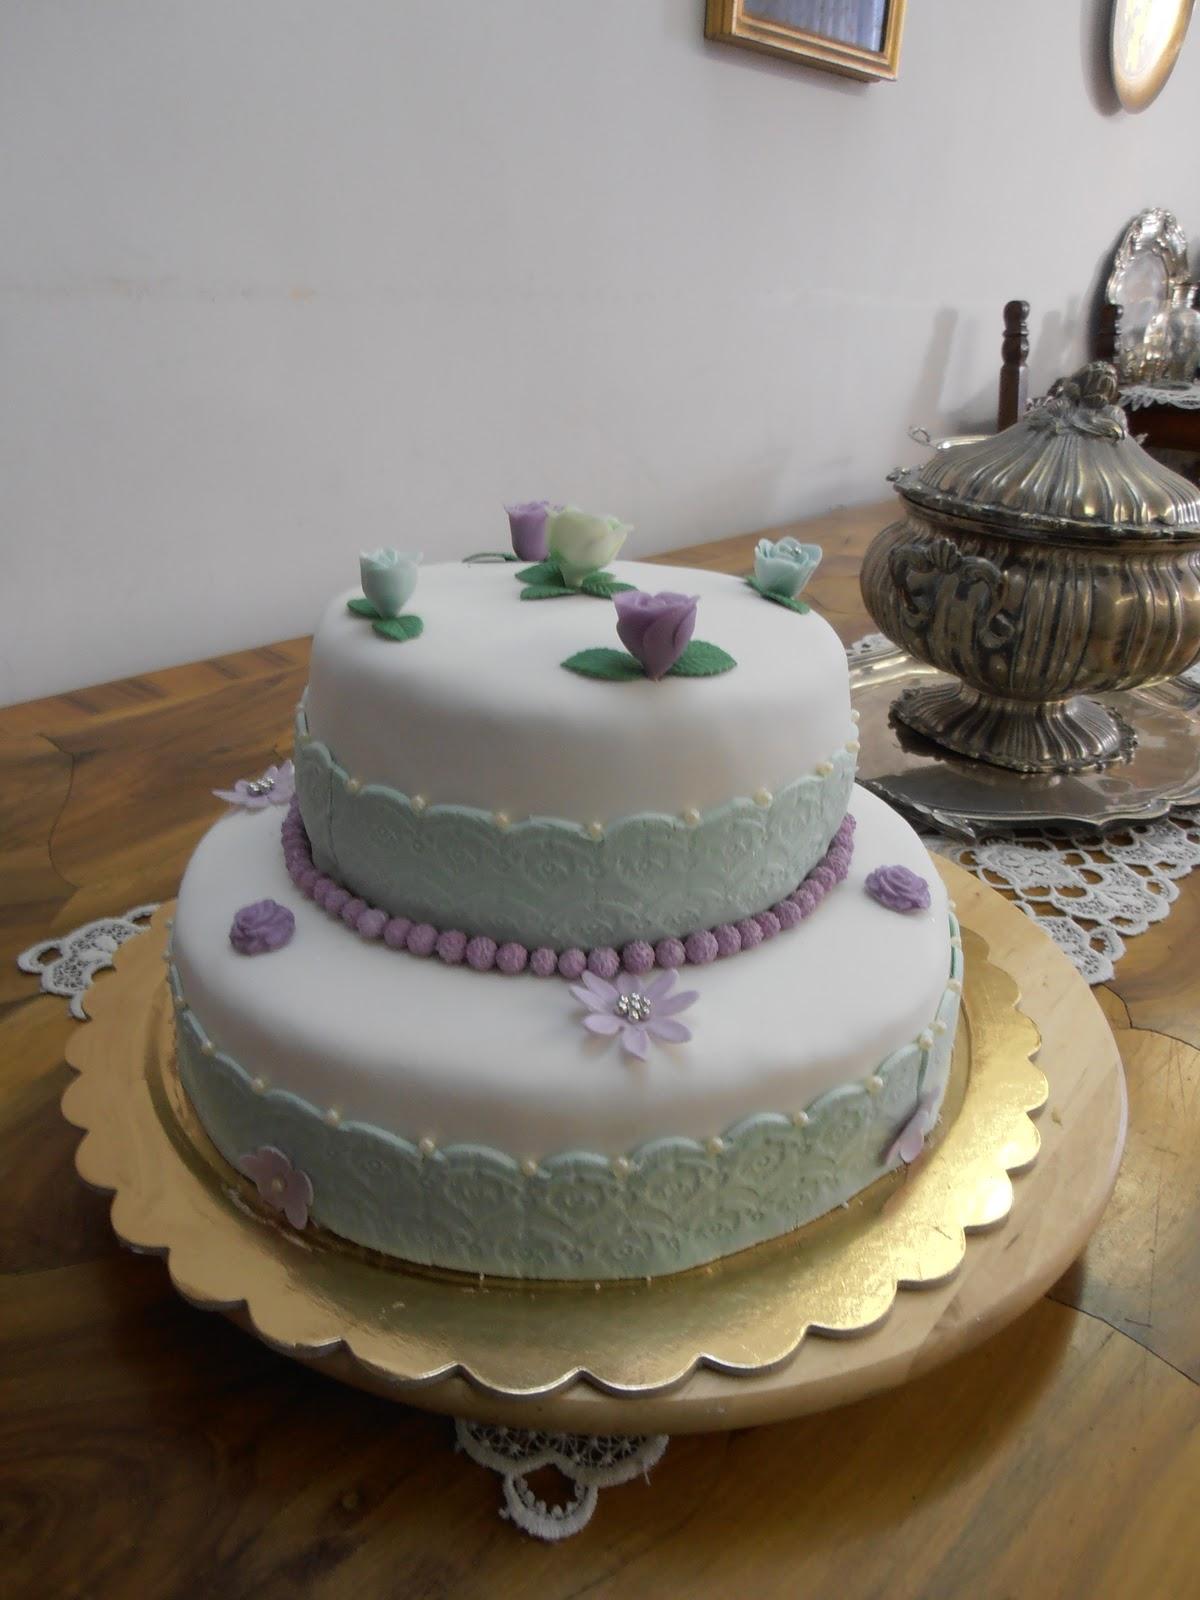 La cucina semplice di iris torta per i 40 anni di matrimonio for 40 anni di matrimonio